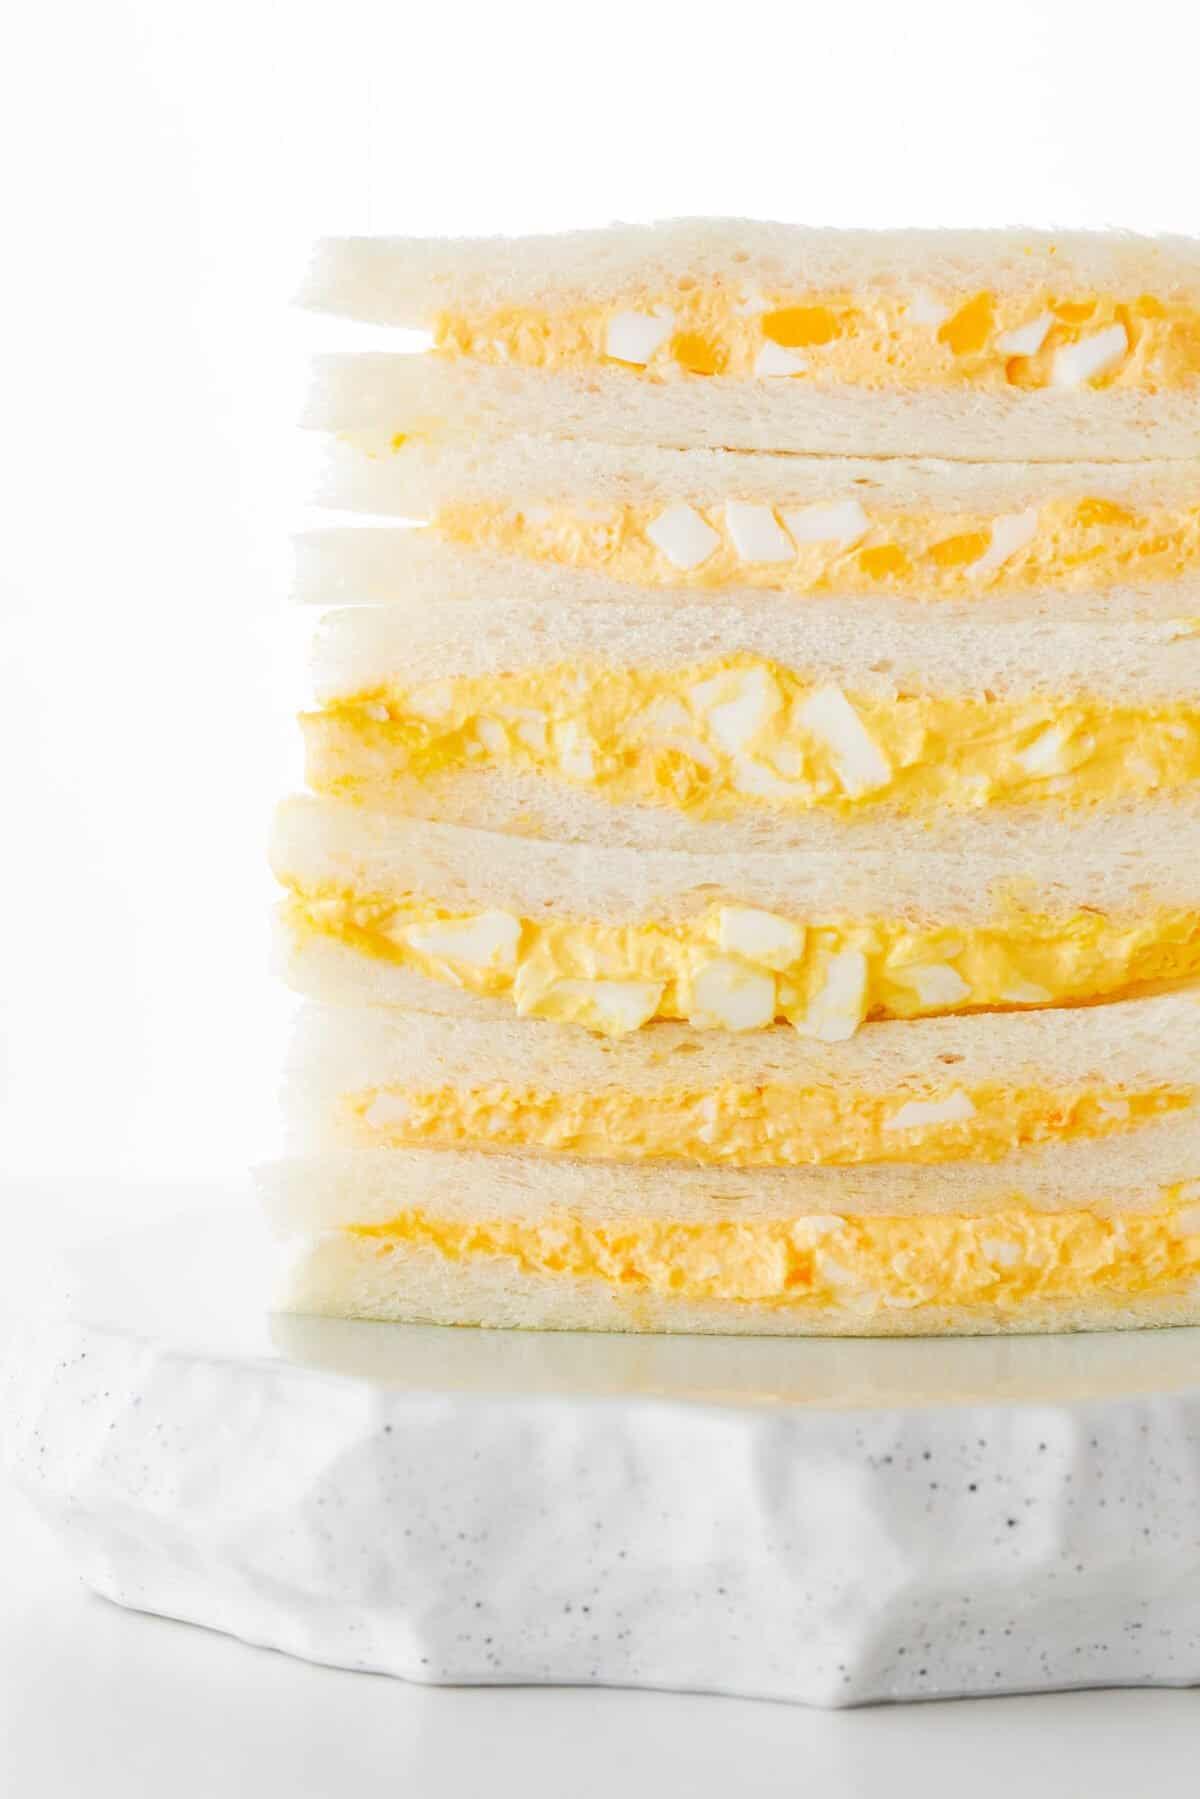 FamilyMart vs 7-Eleven vs Lawson egg sandwich taste test.